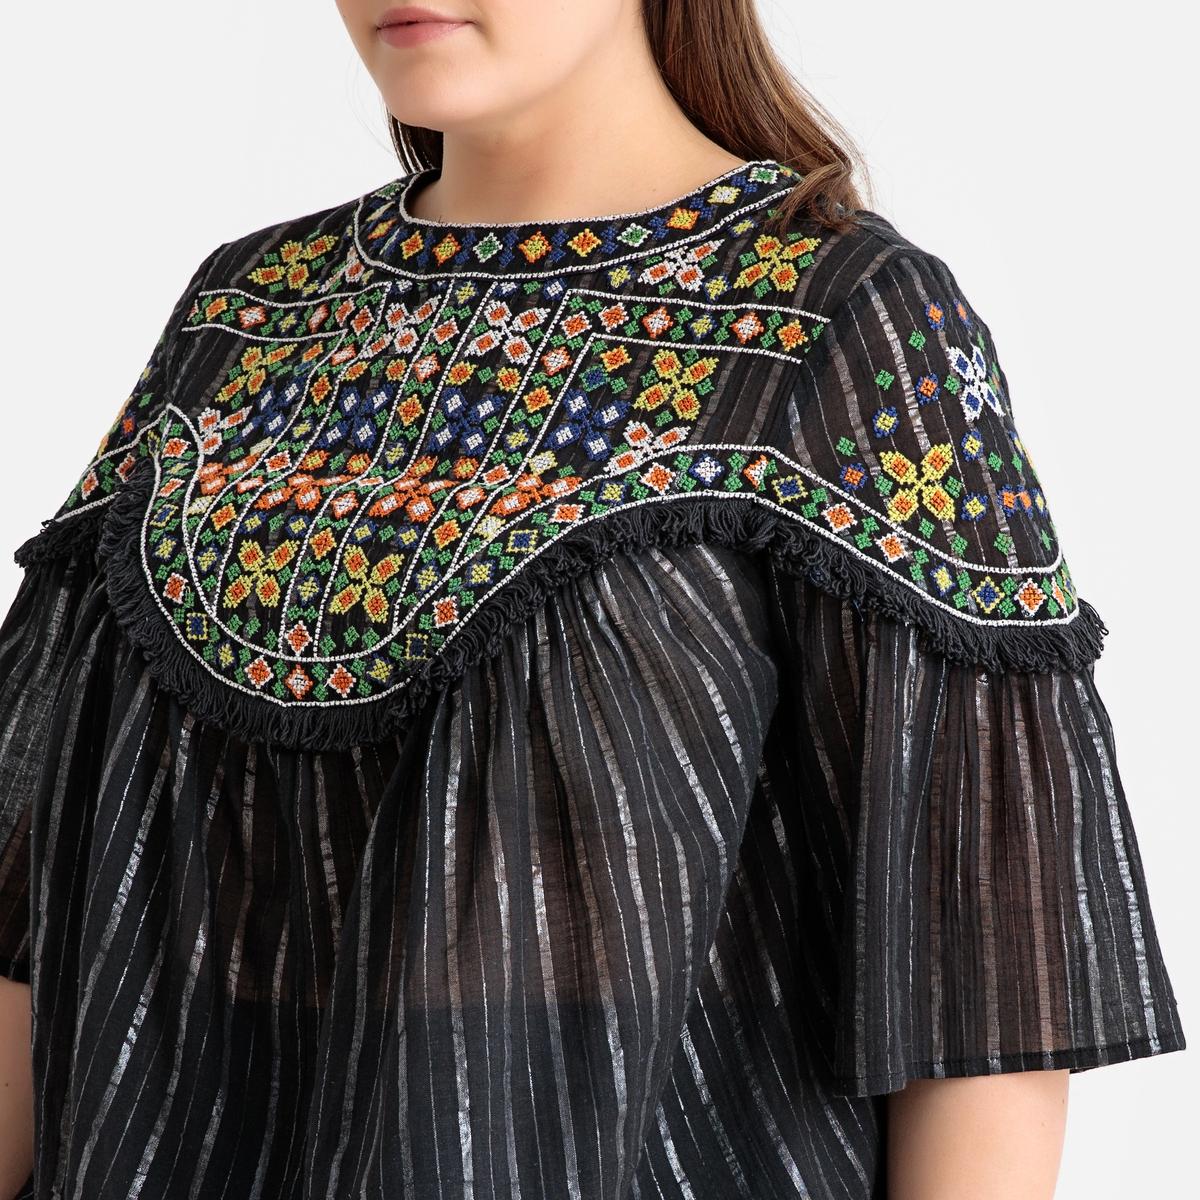 цены Блузка La Redoute В полоску с манишкой с вышивкой и короткими рукавами 48 (FR) - 54 (RUS) черный